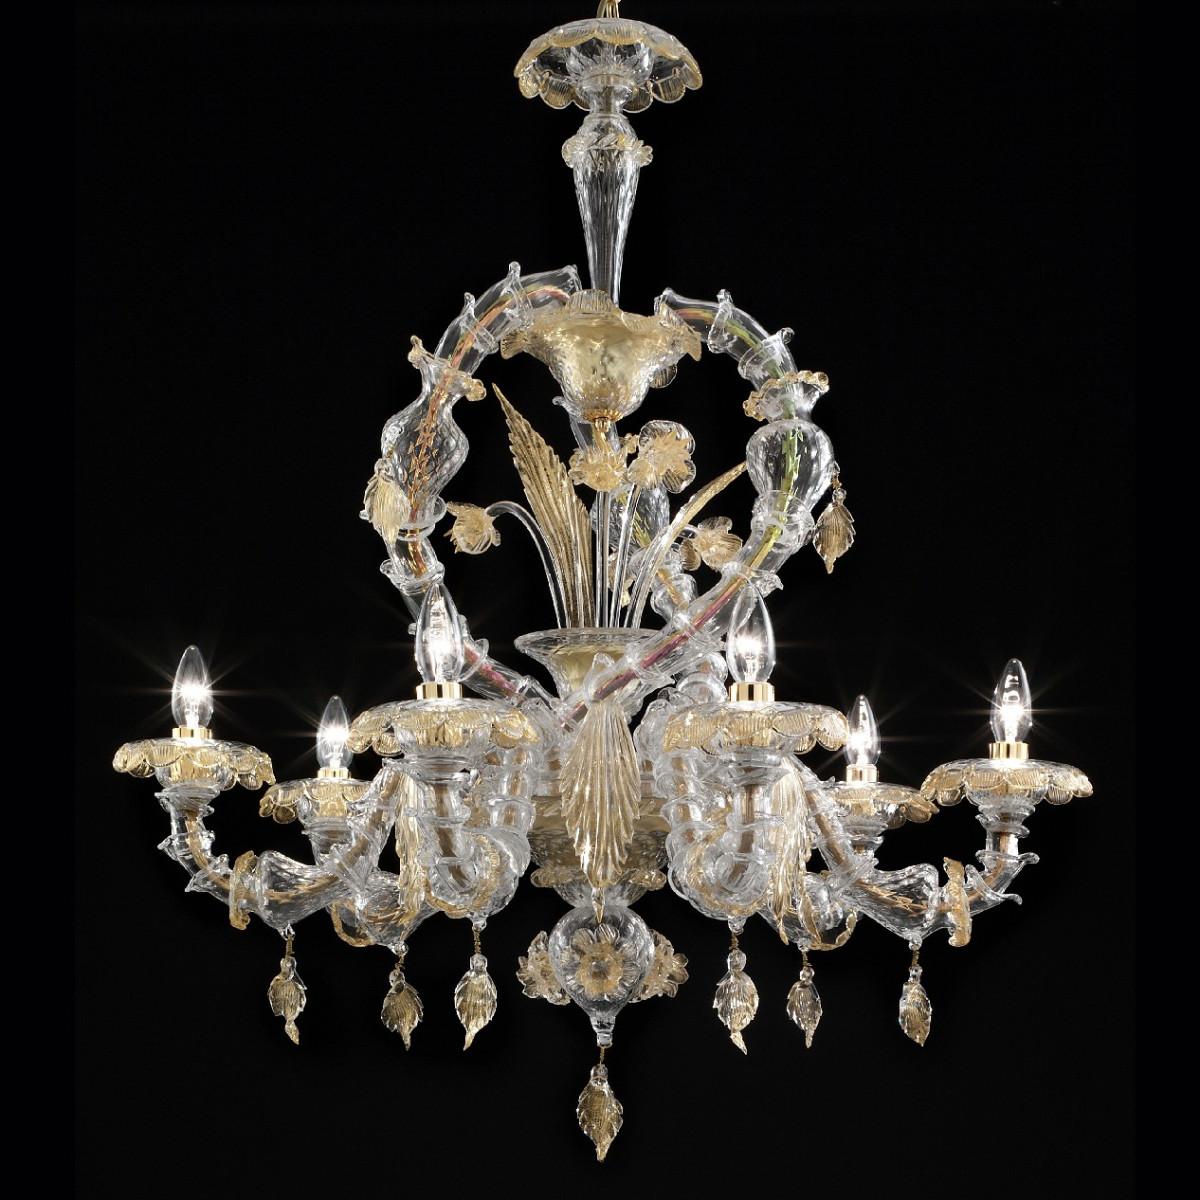 """""""Prospero"""" lampara de cristal de Murano - 6 luces - transparente y oro"""